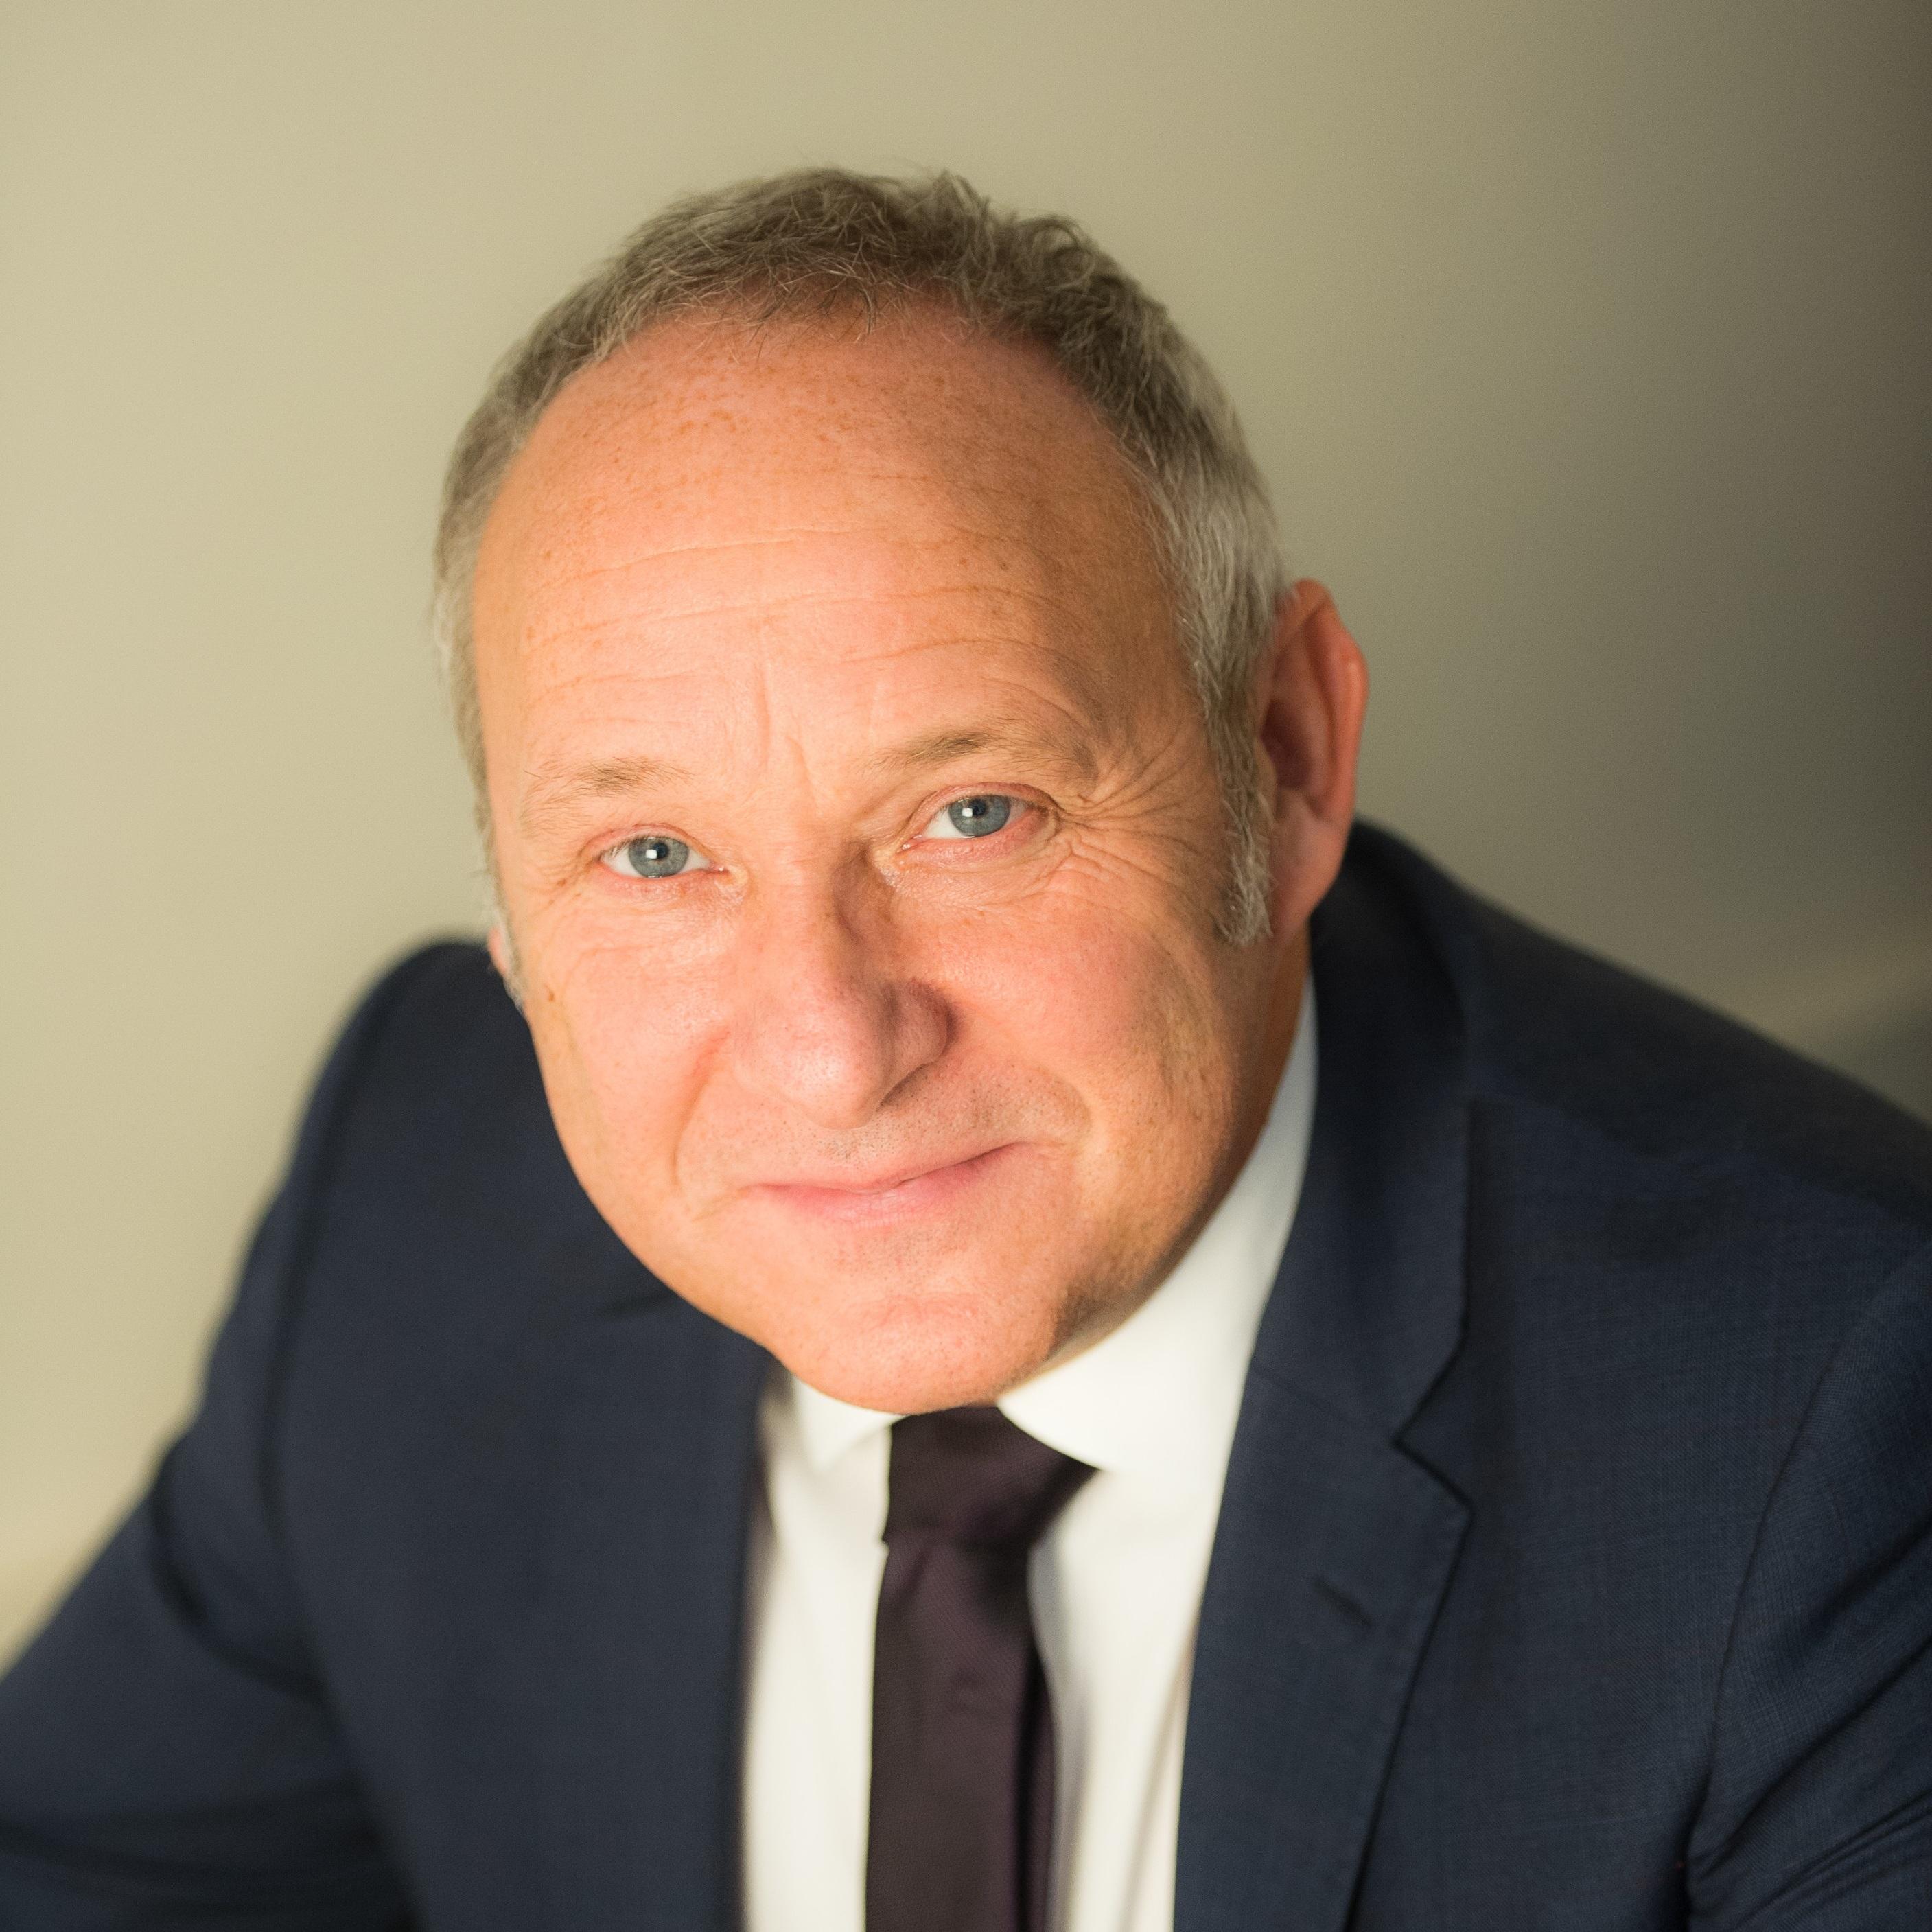 Geoff Parkinson